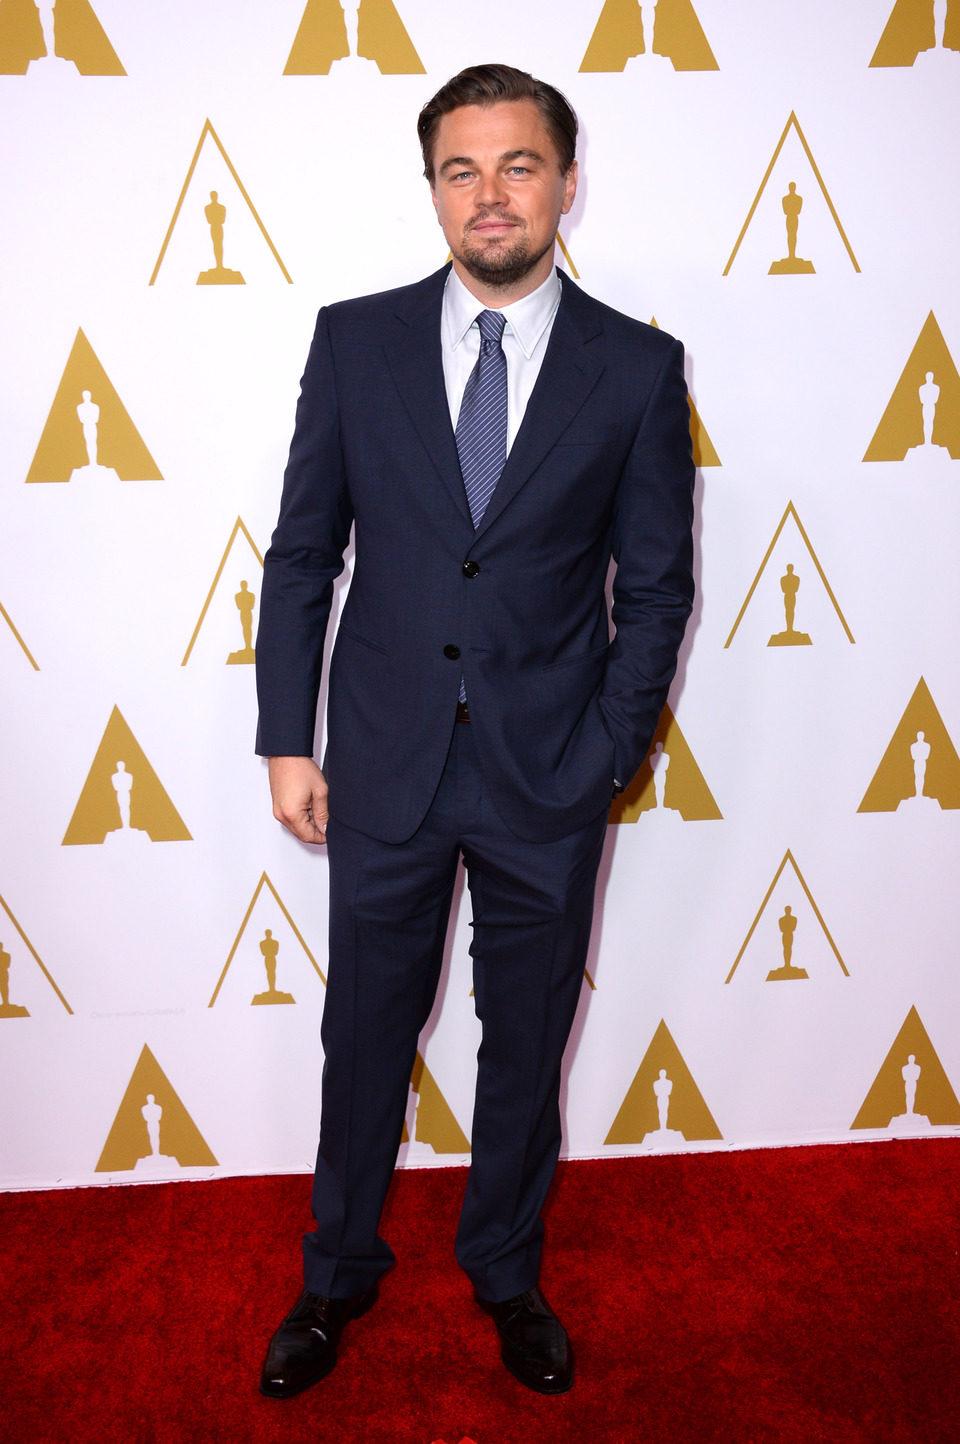 Leonardo DiCaprio en el almuerzo de los nominados a los Premios Oscar 2014